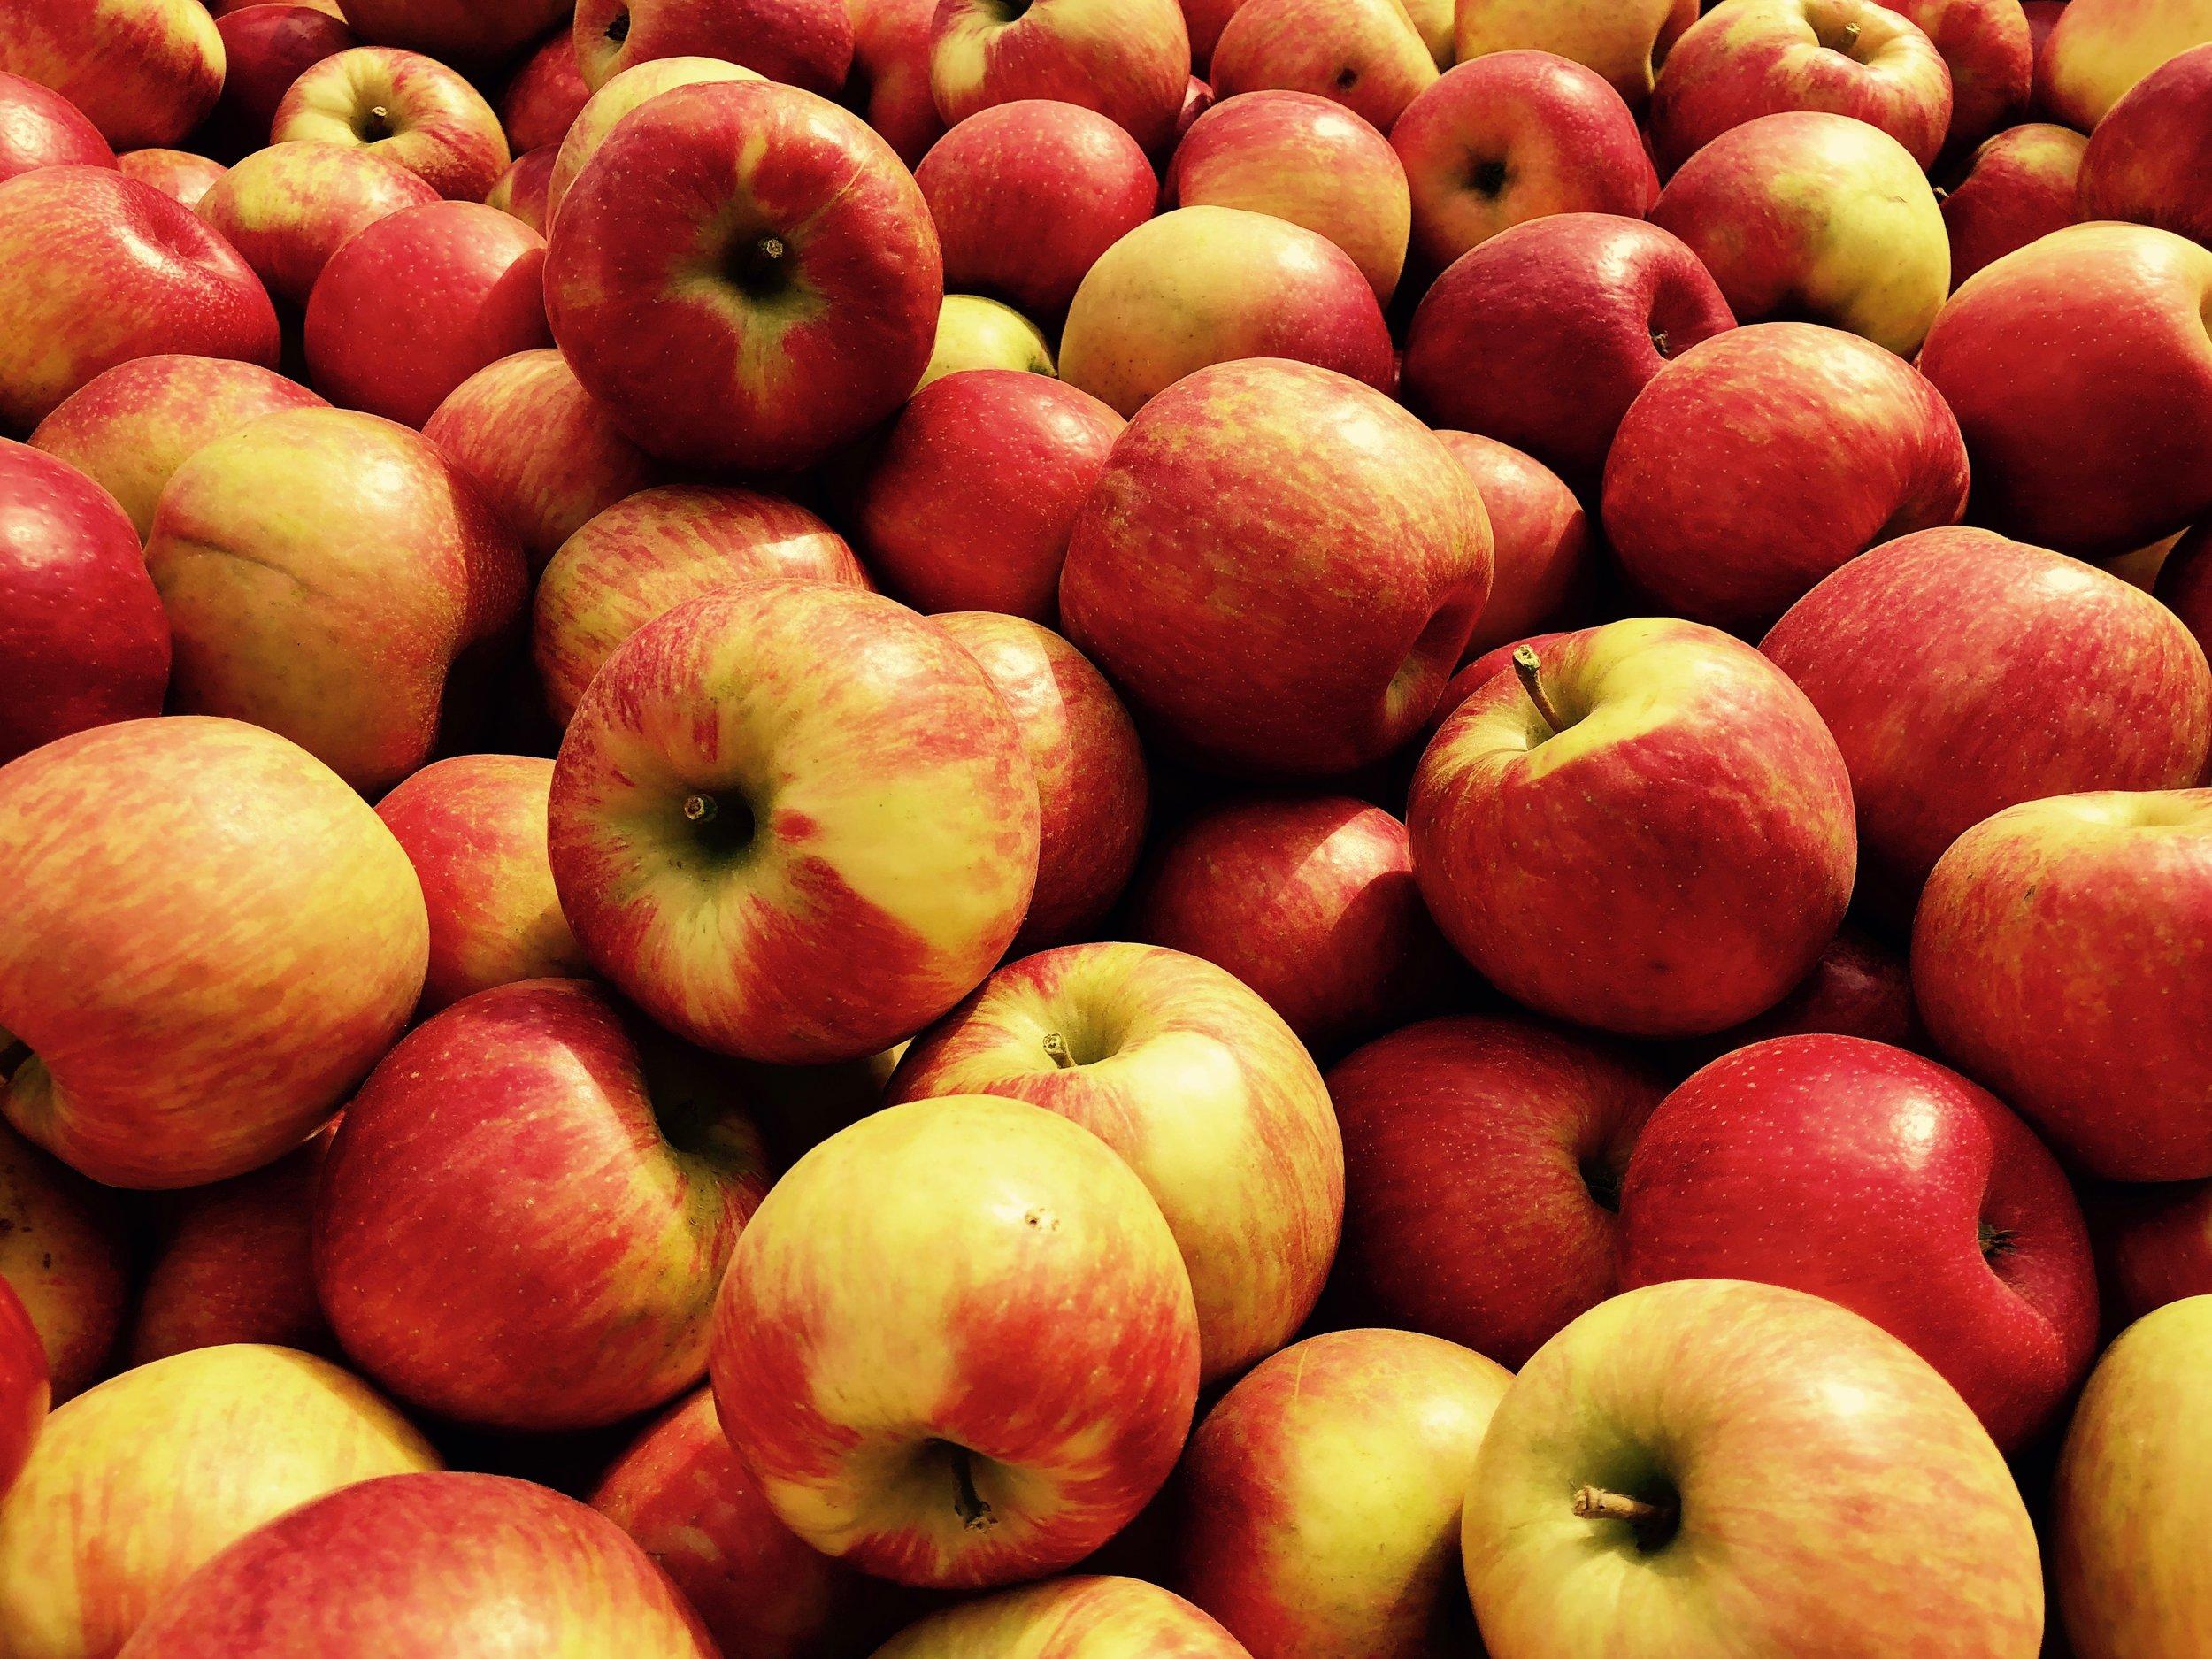 Wisconsin Apples